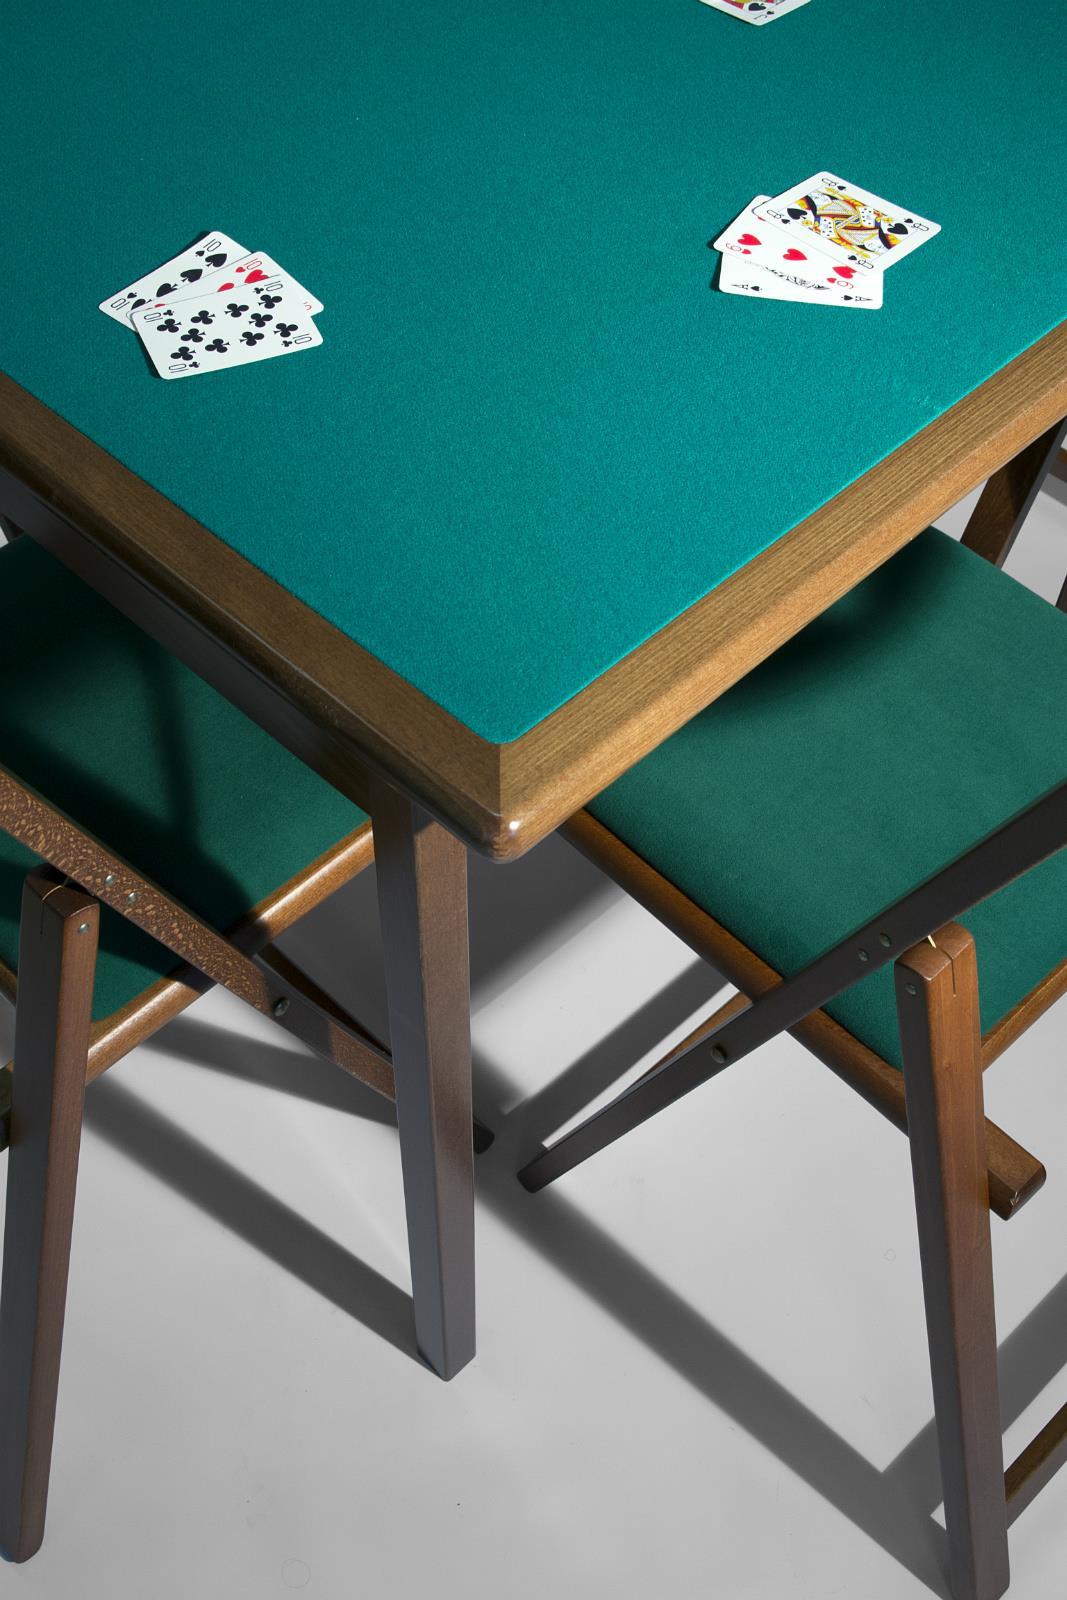 Tavolo da gioco torneo fratelli del fabbro srl - Blokus gioco da tavolo ...